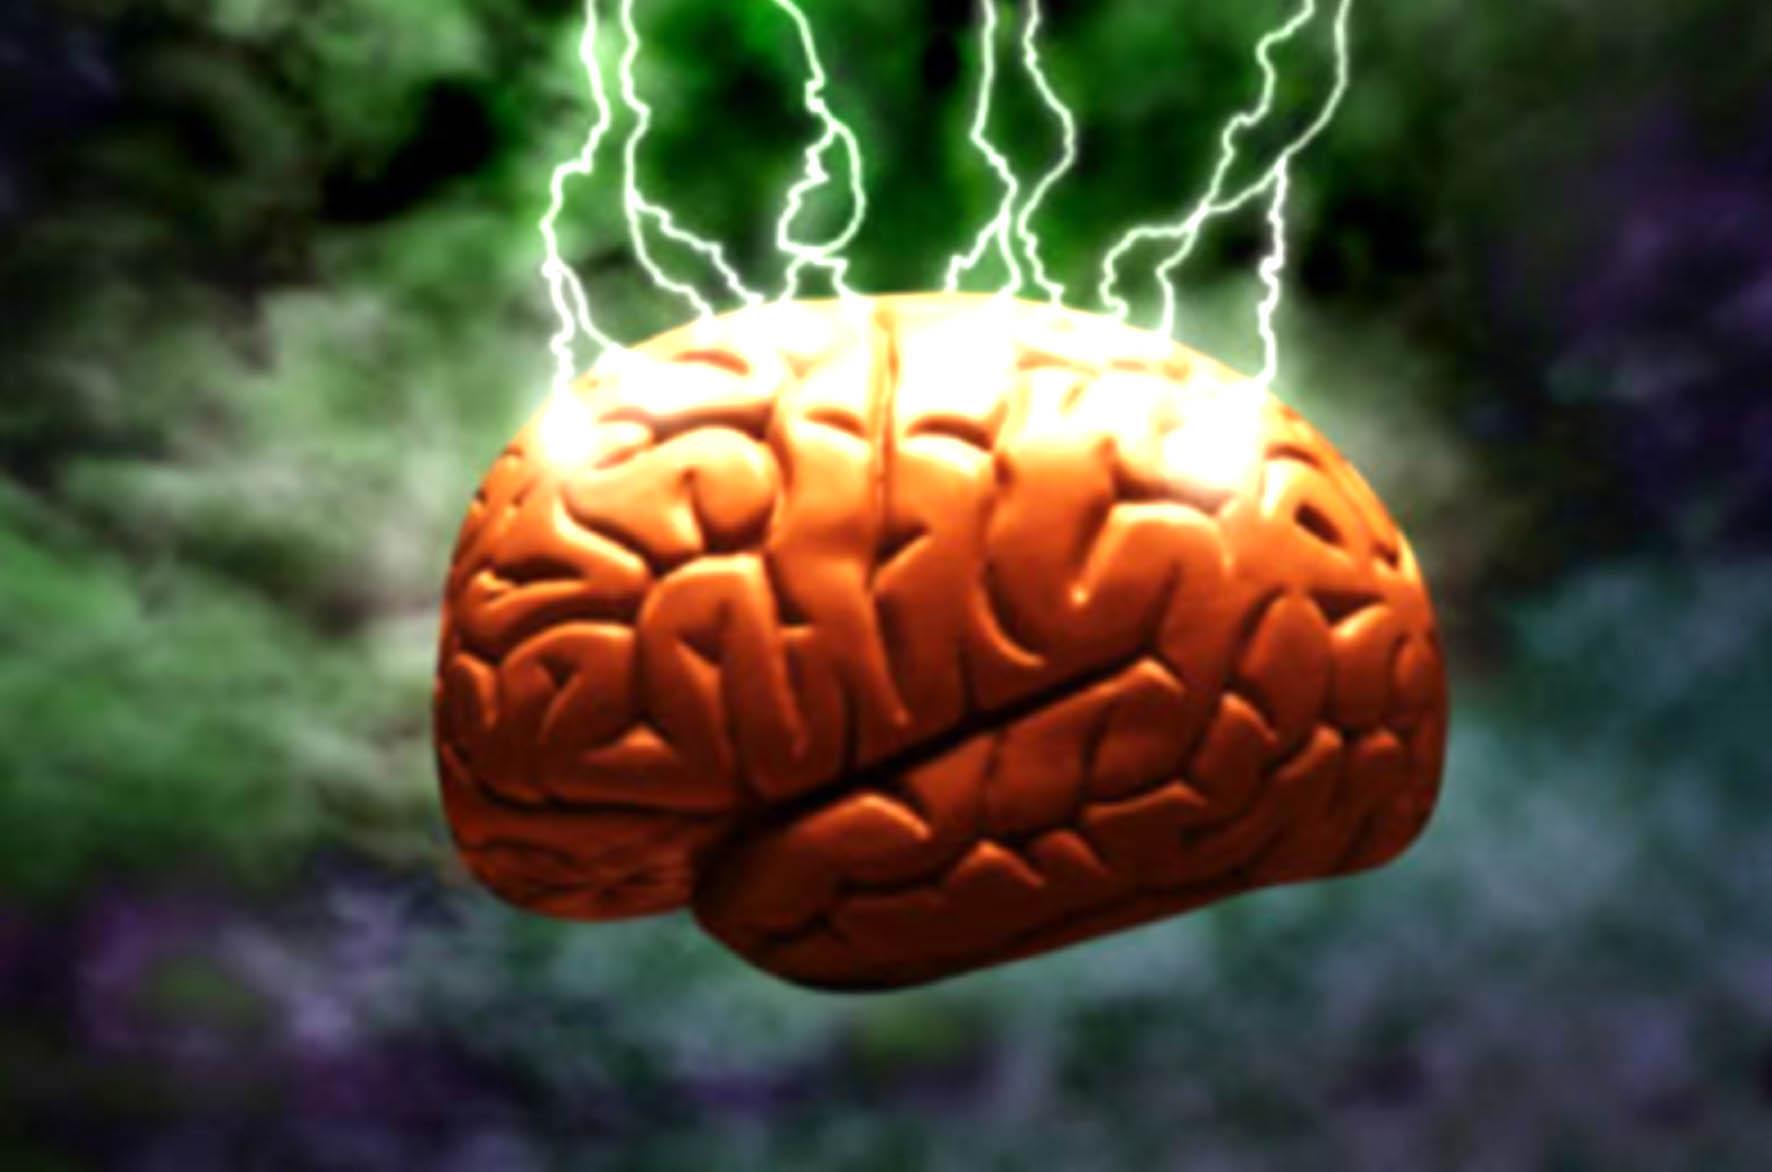 Especialistas intercambian propuestas para mejorar calidad de vida de pacientes con epilepsia